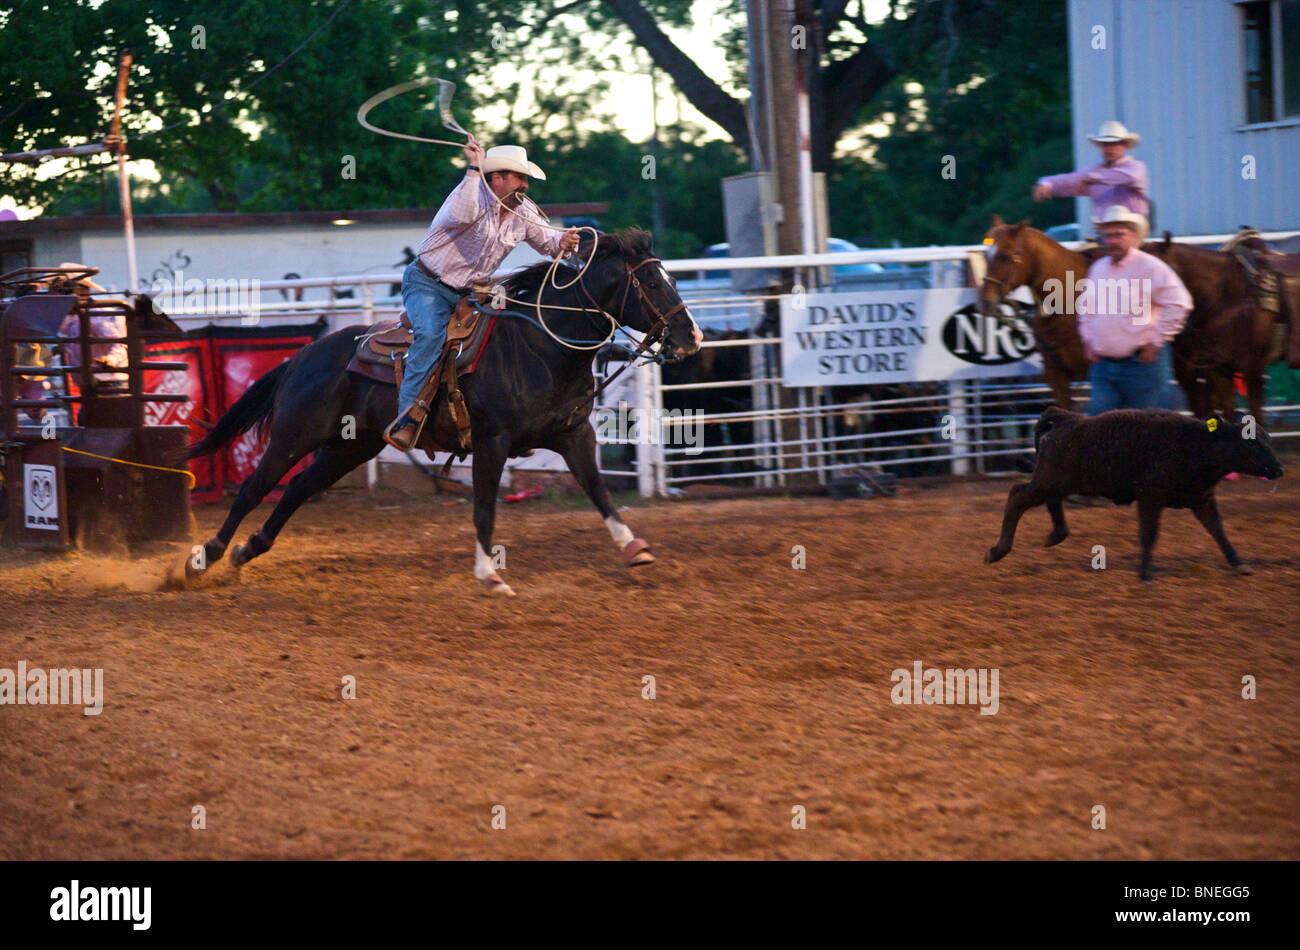 Cowboy roping calf PRCA Rodeo en cas de Bridgeport, Connecticut, USA Banque D'Images